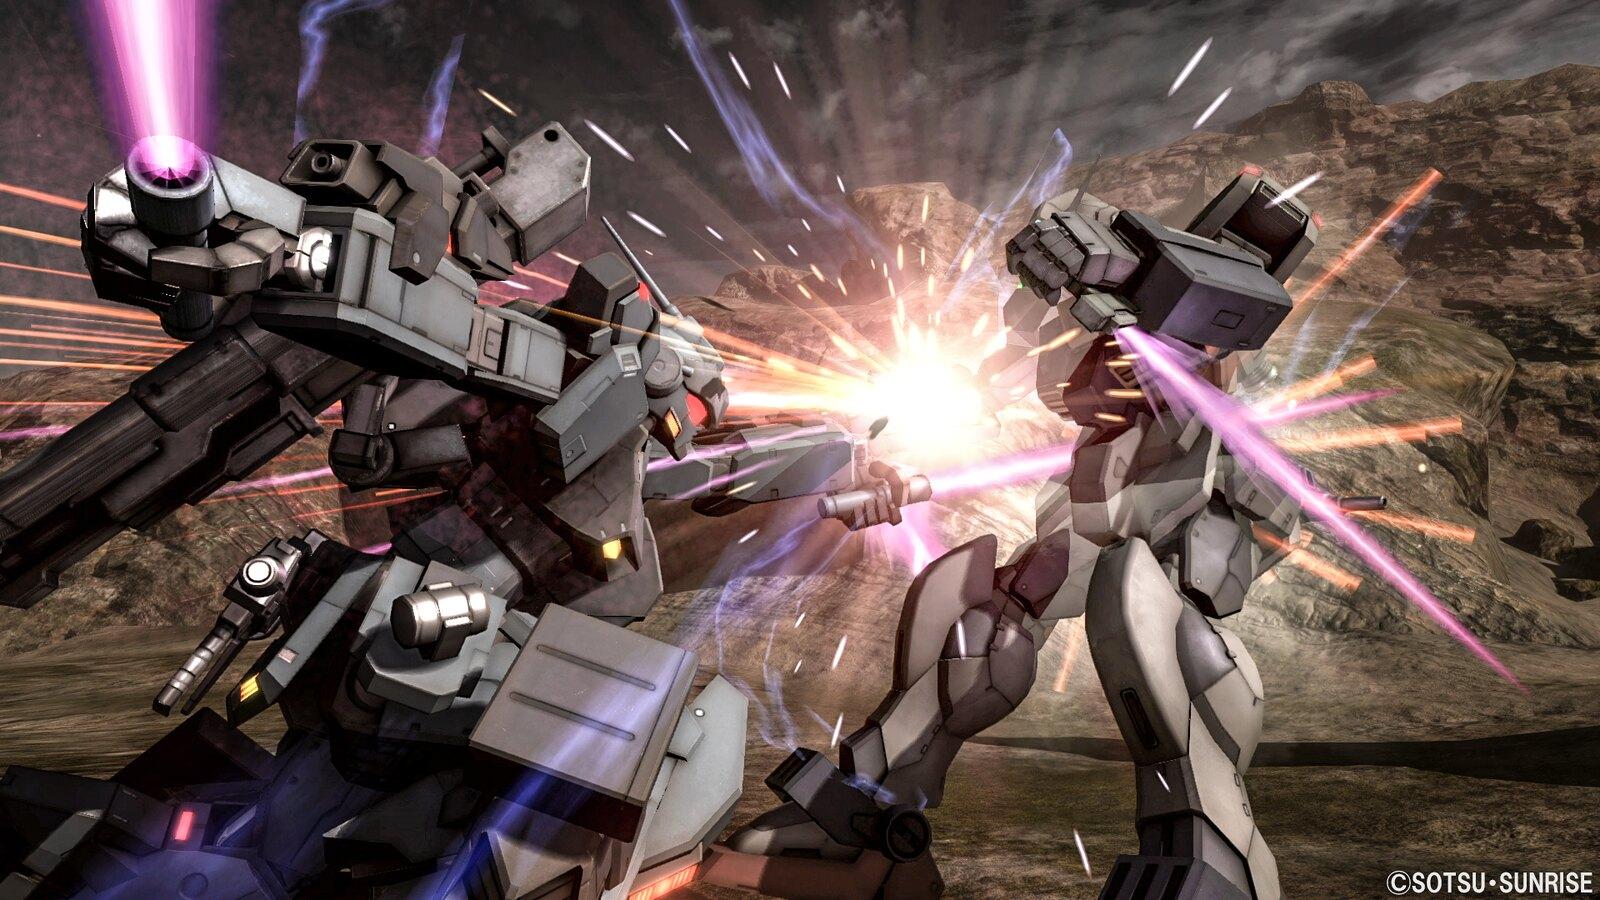 48804963023 ab59a450c8 h - Macht euch bereit für intensive Schlachten mit Mobile Suit Gundam Battle Operation 2